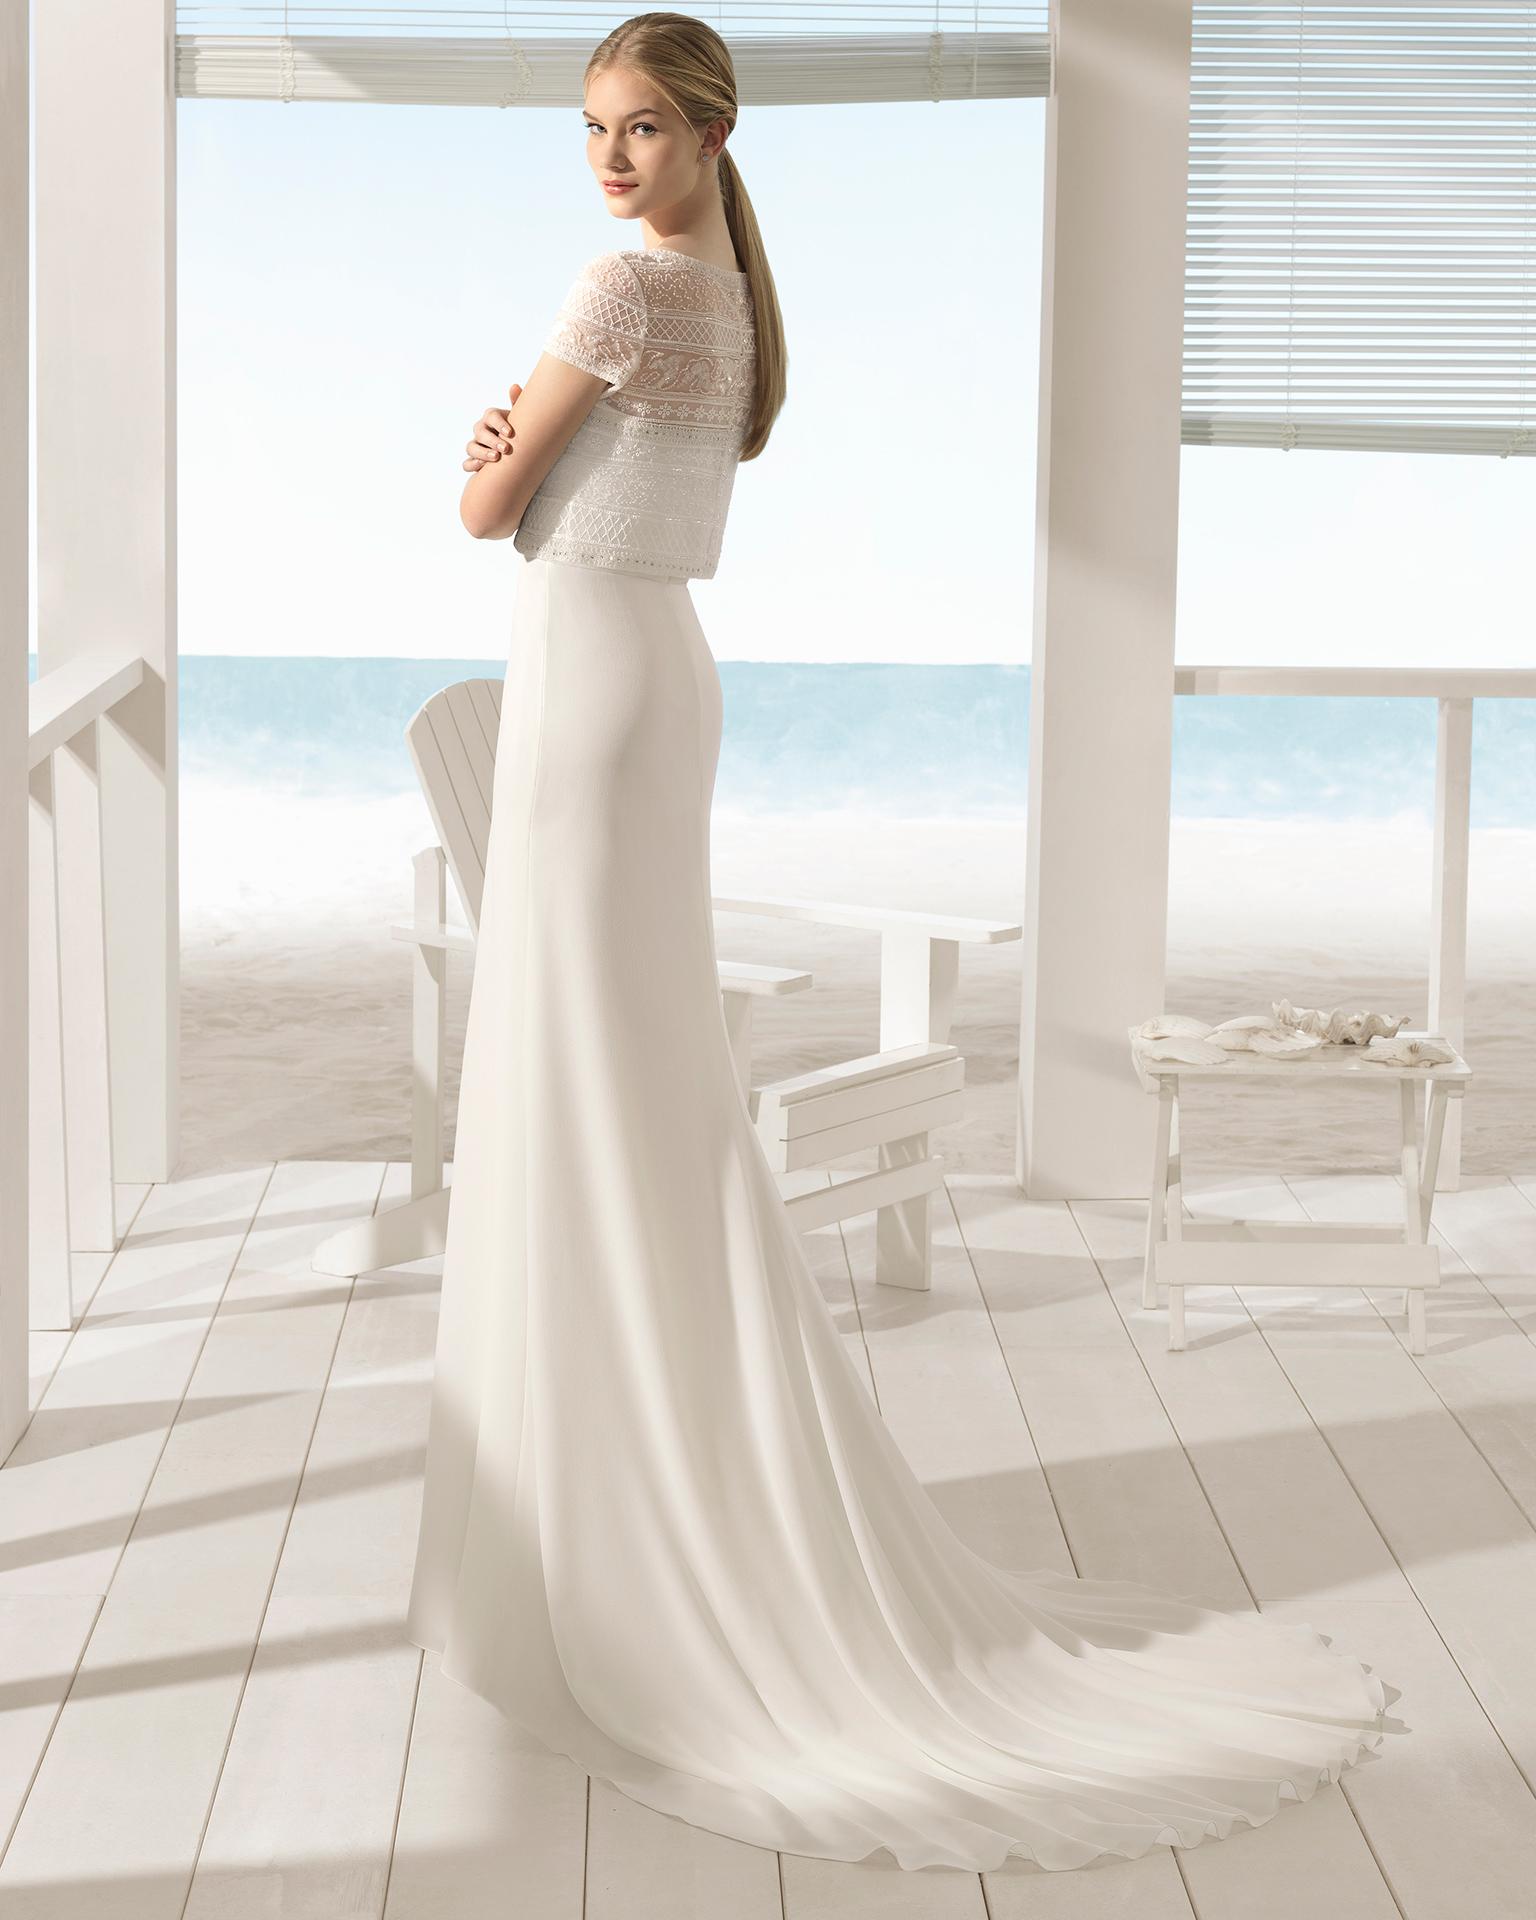 Robe de mariée trois pièces bohème en gaze et guipure avec pierreries, veste et ouverture devant.